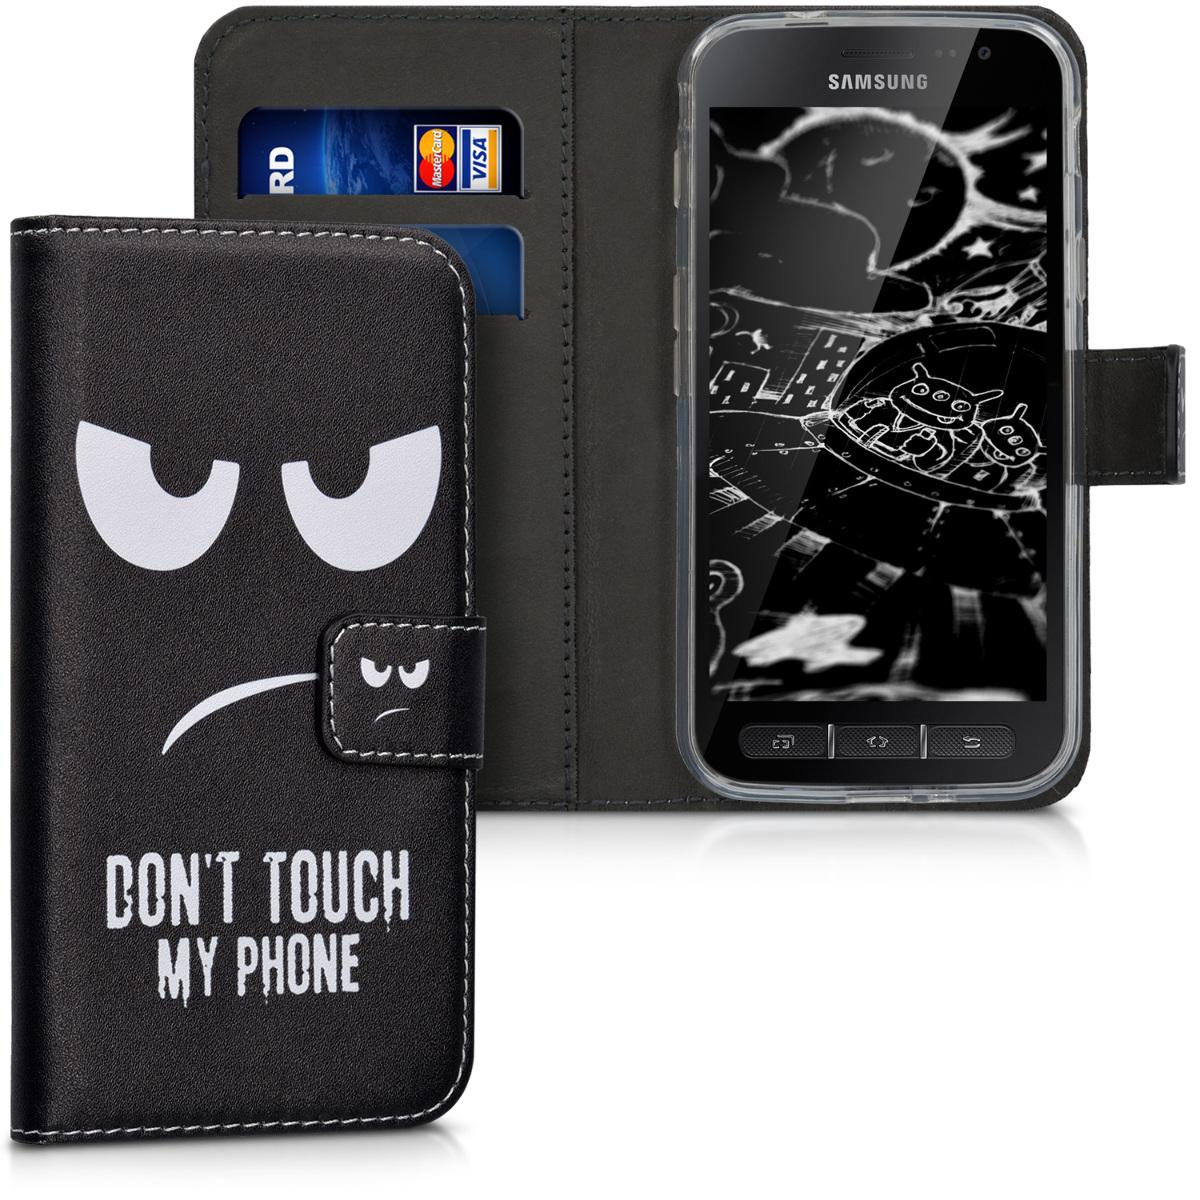 KW Θήκη Πορτοφόλι Samsung Galaxy Xcover 4 - White / Black (41254.01)